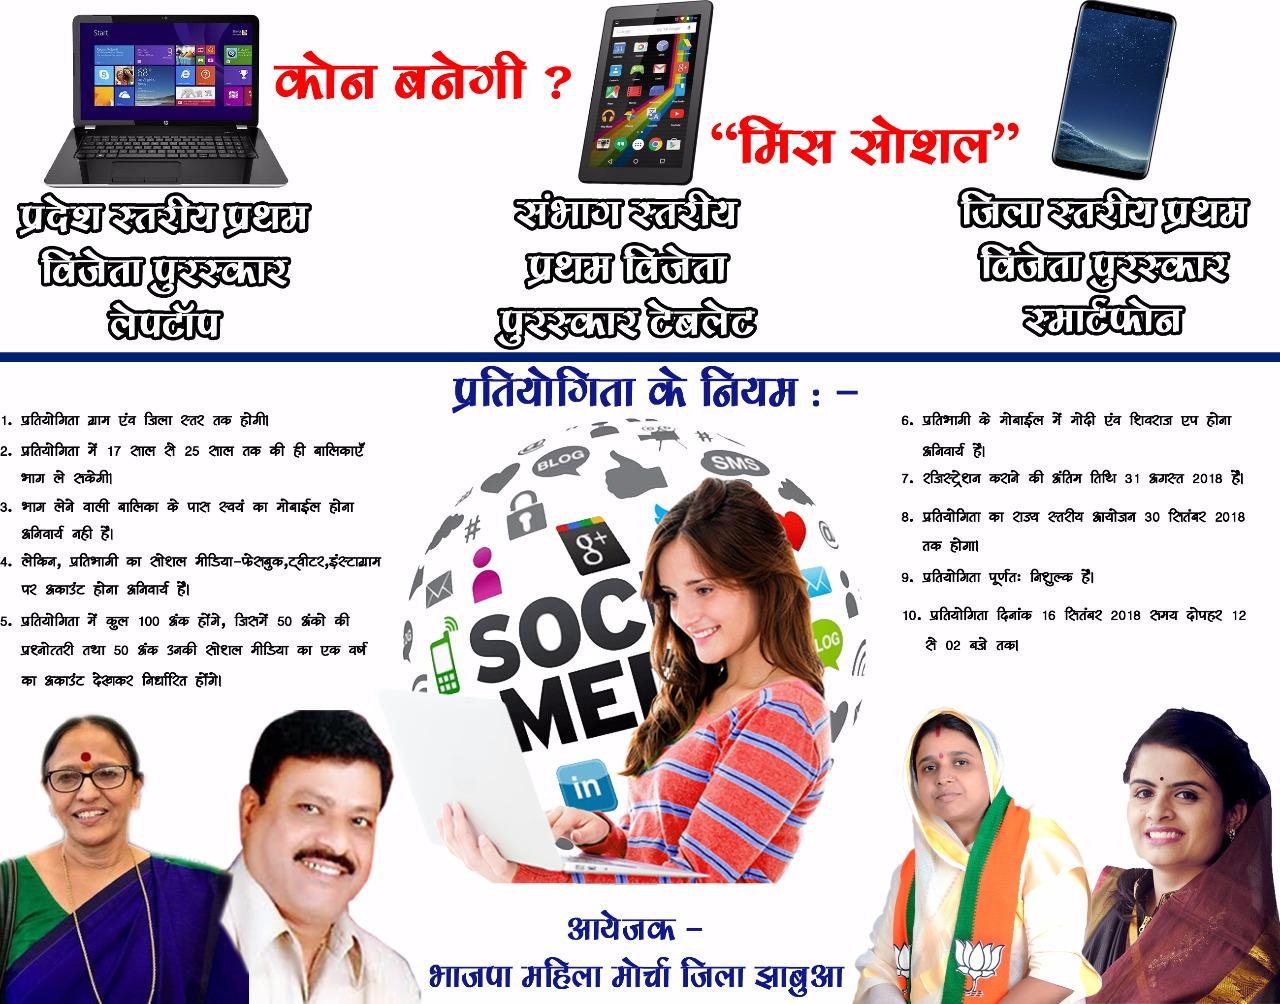 भाजपा महिला मोर्चा की अनूठीस्पर्धा : कौन बनेगा मिस सोशल मीडिया-miss-social-media-contest-jhabua